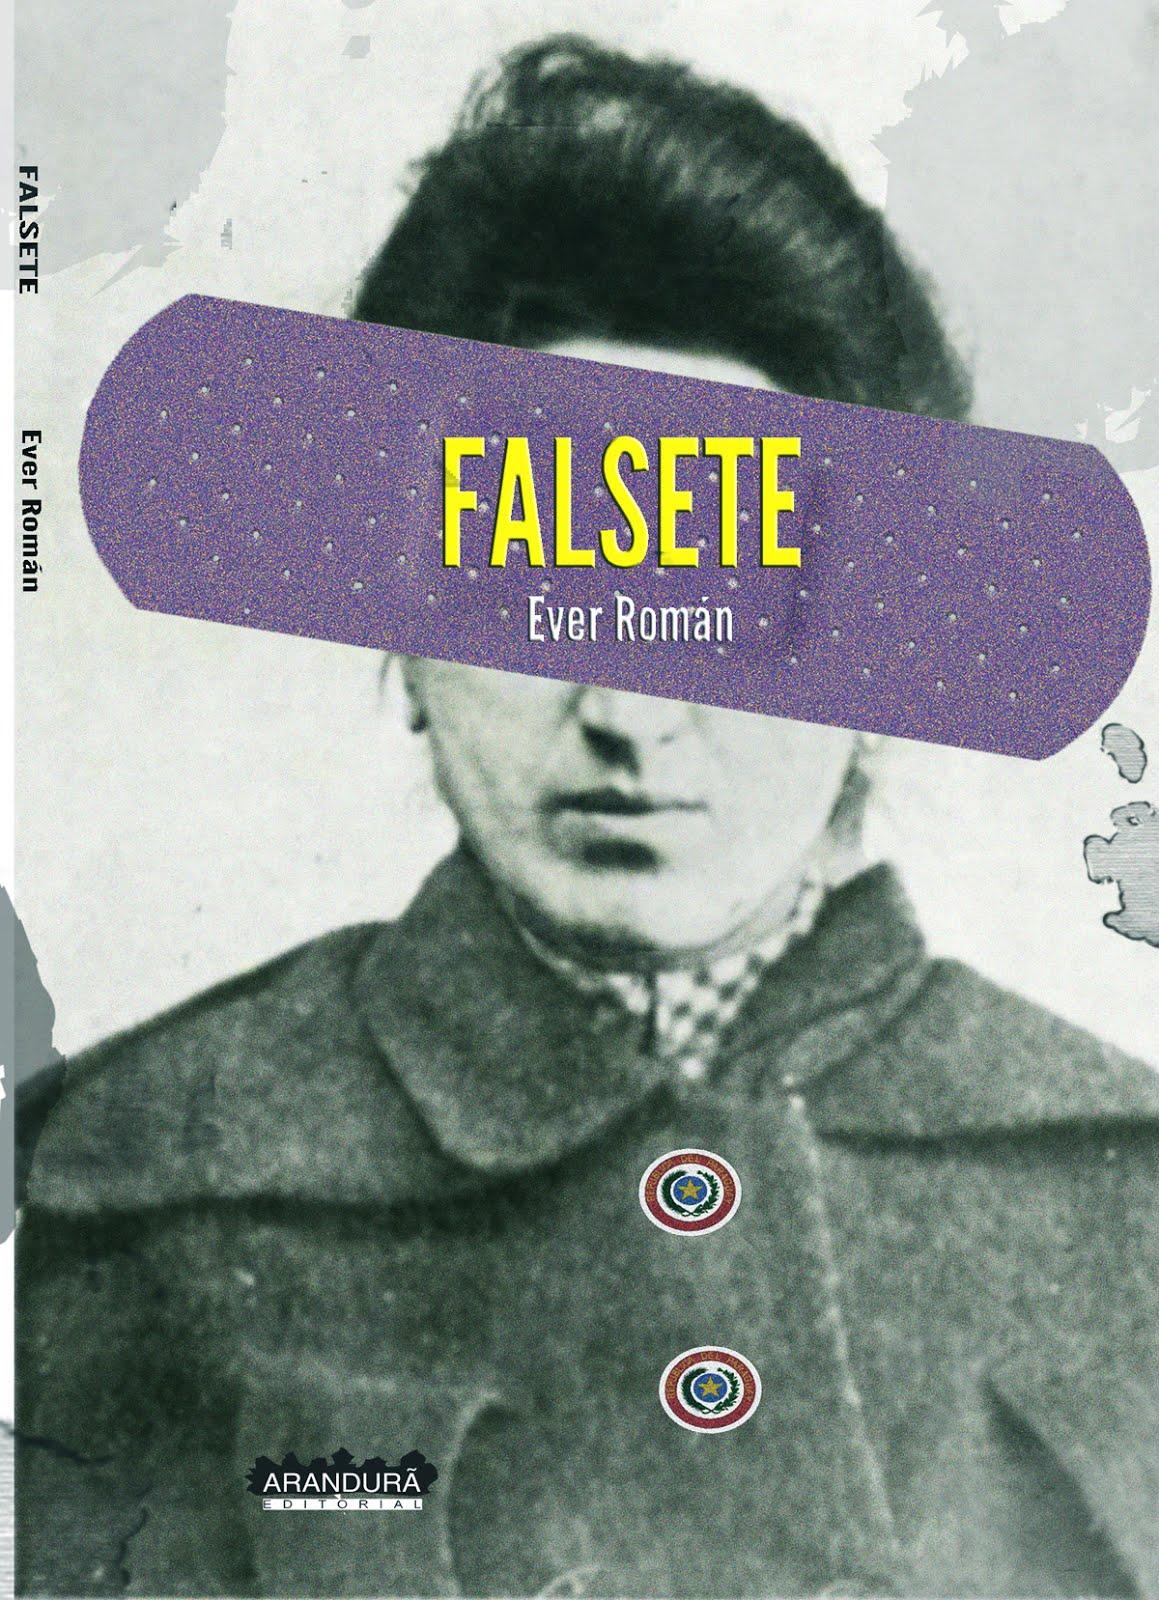 FALSETE